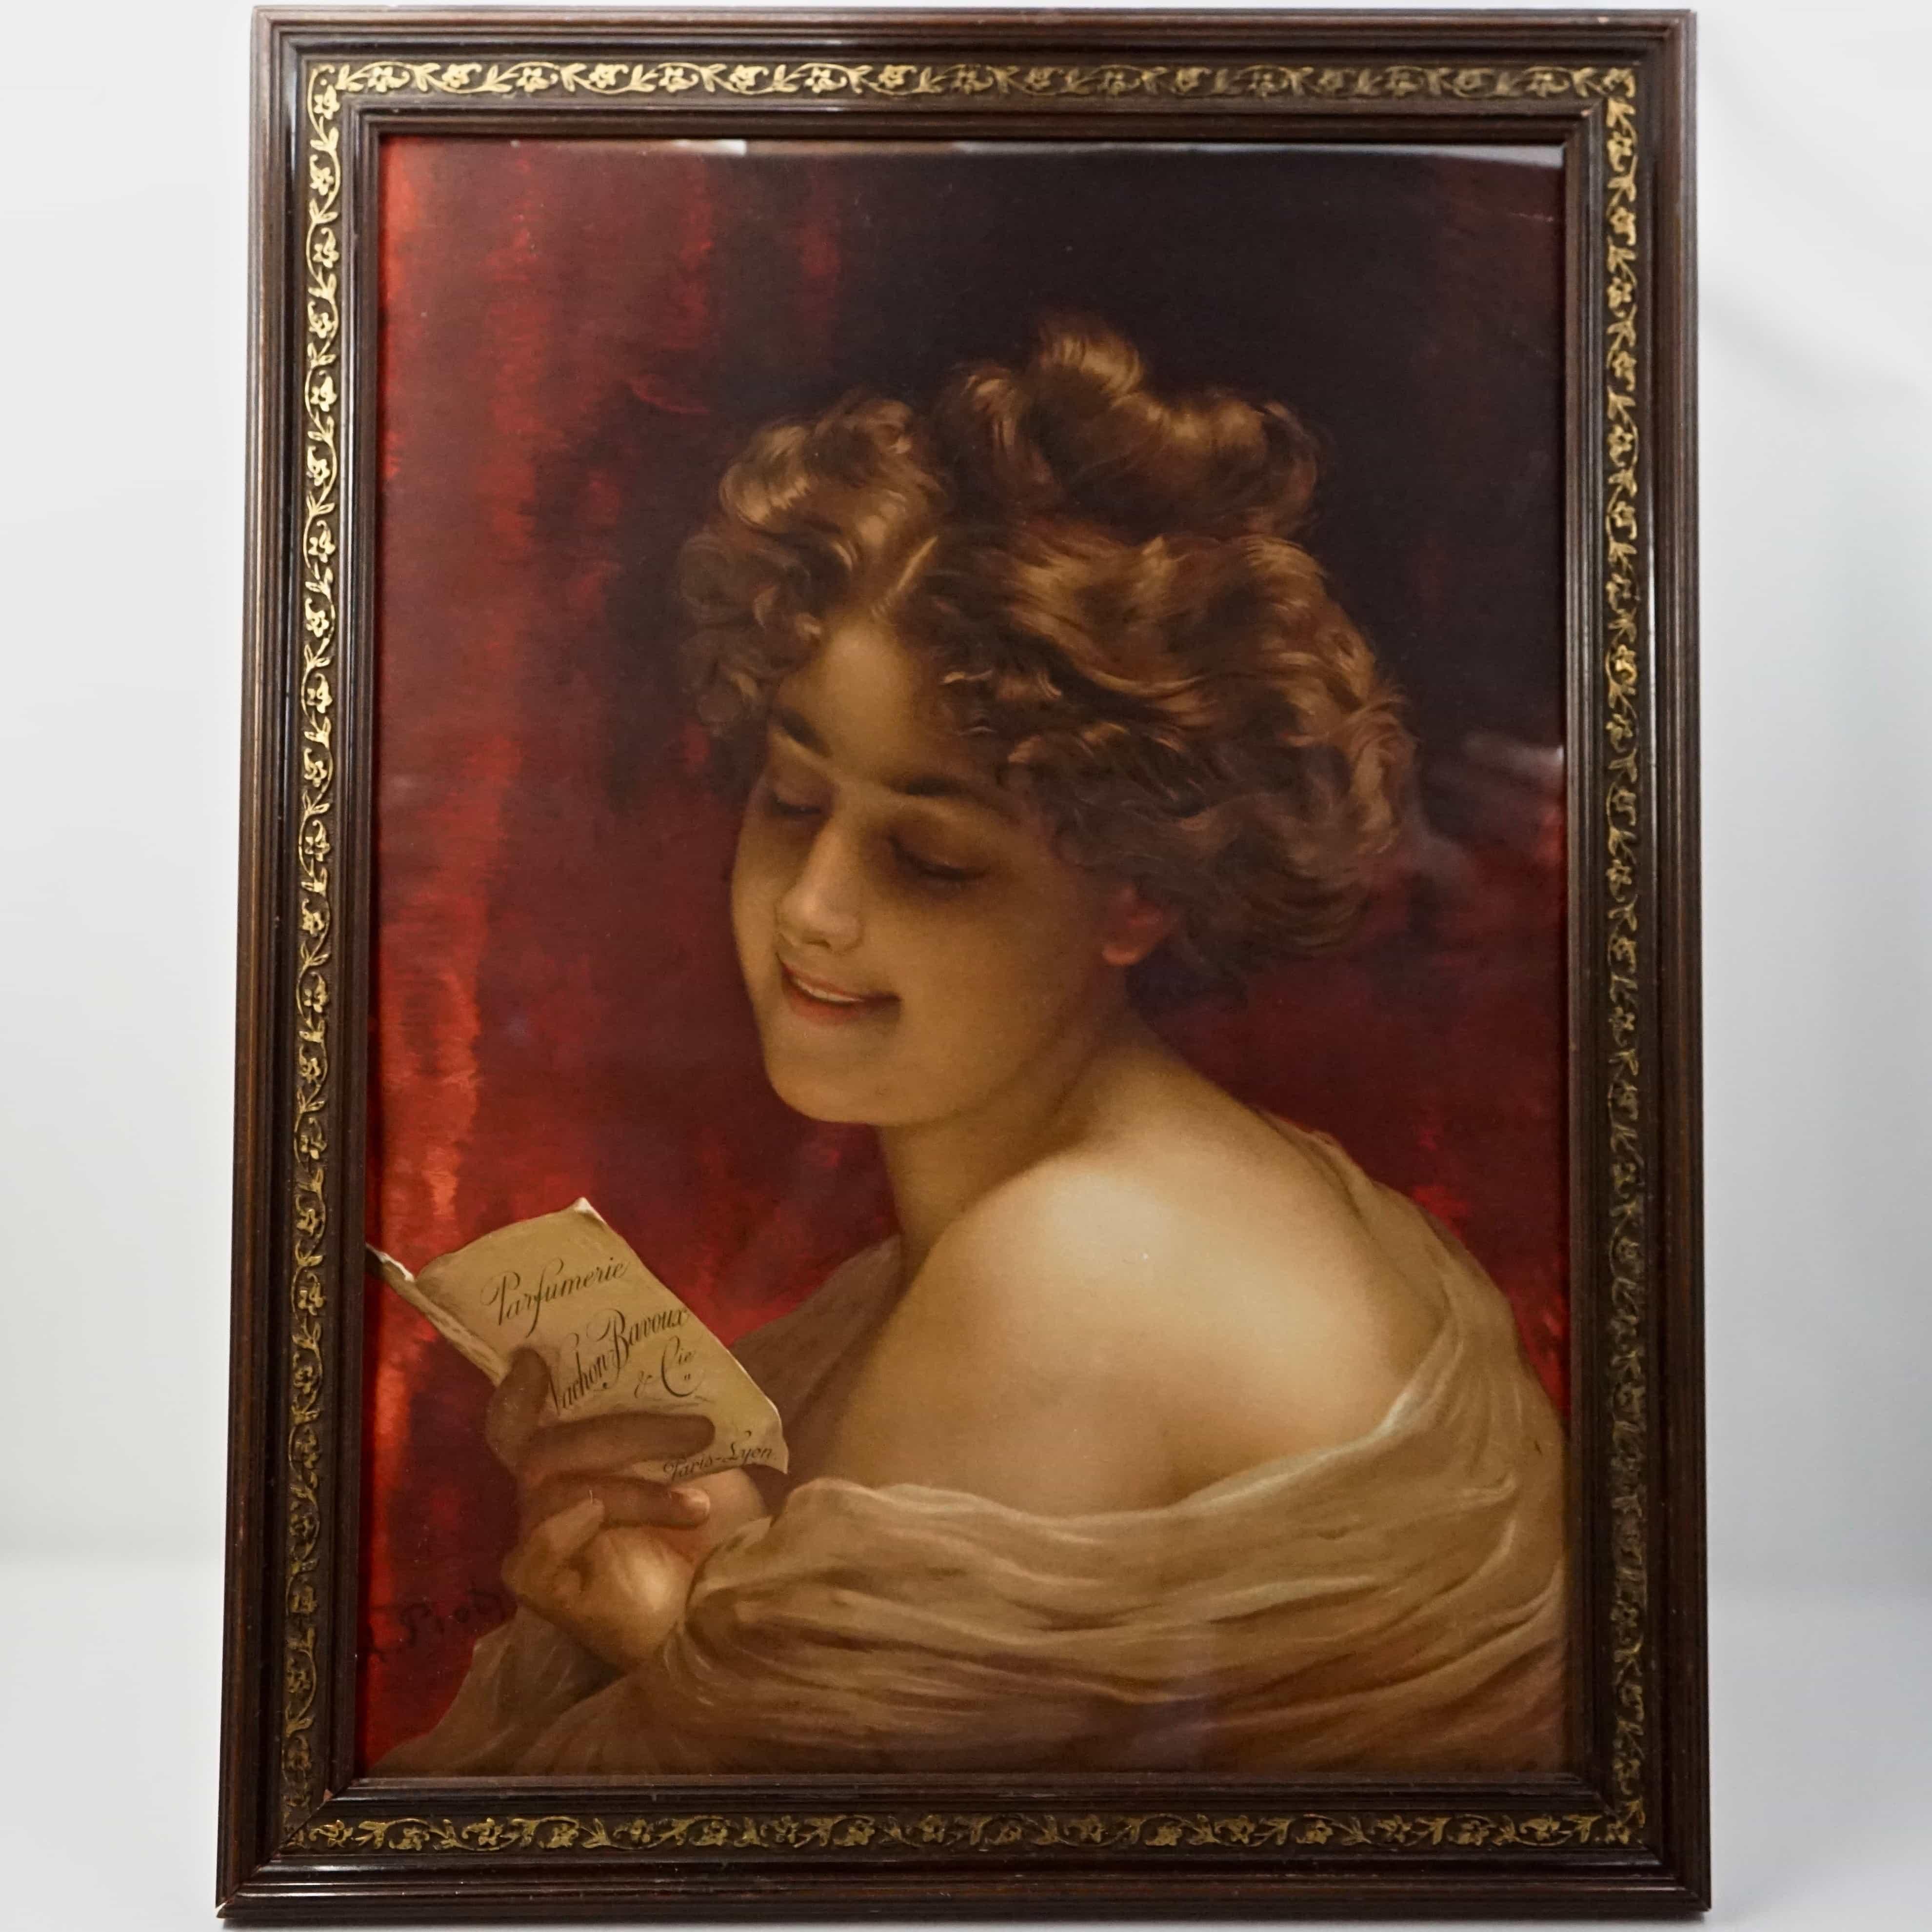 Publicité Vachon Bavoux par Adolphe Piot